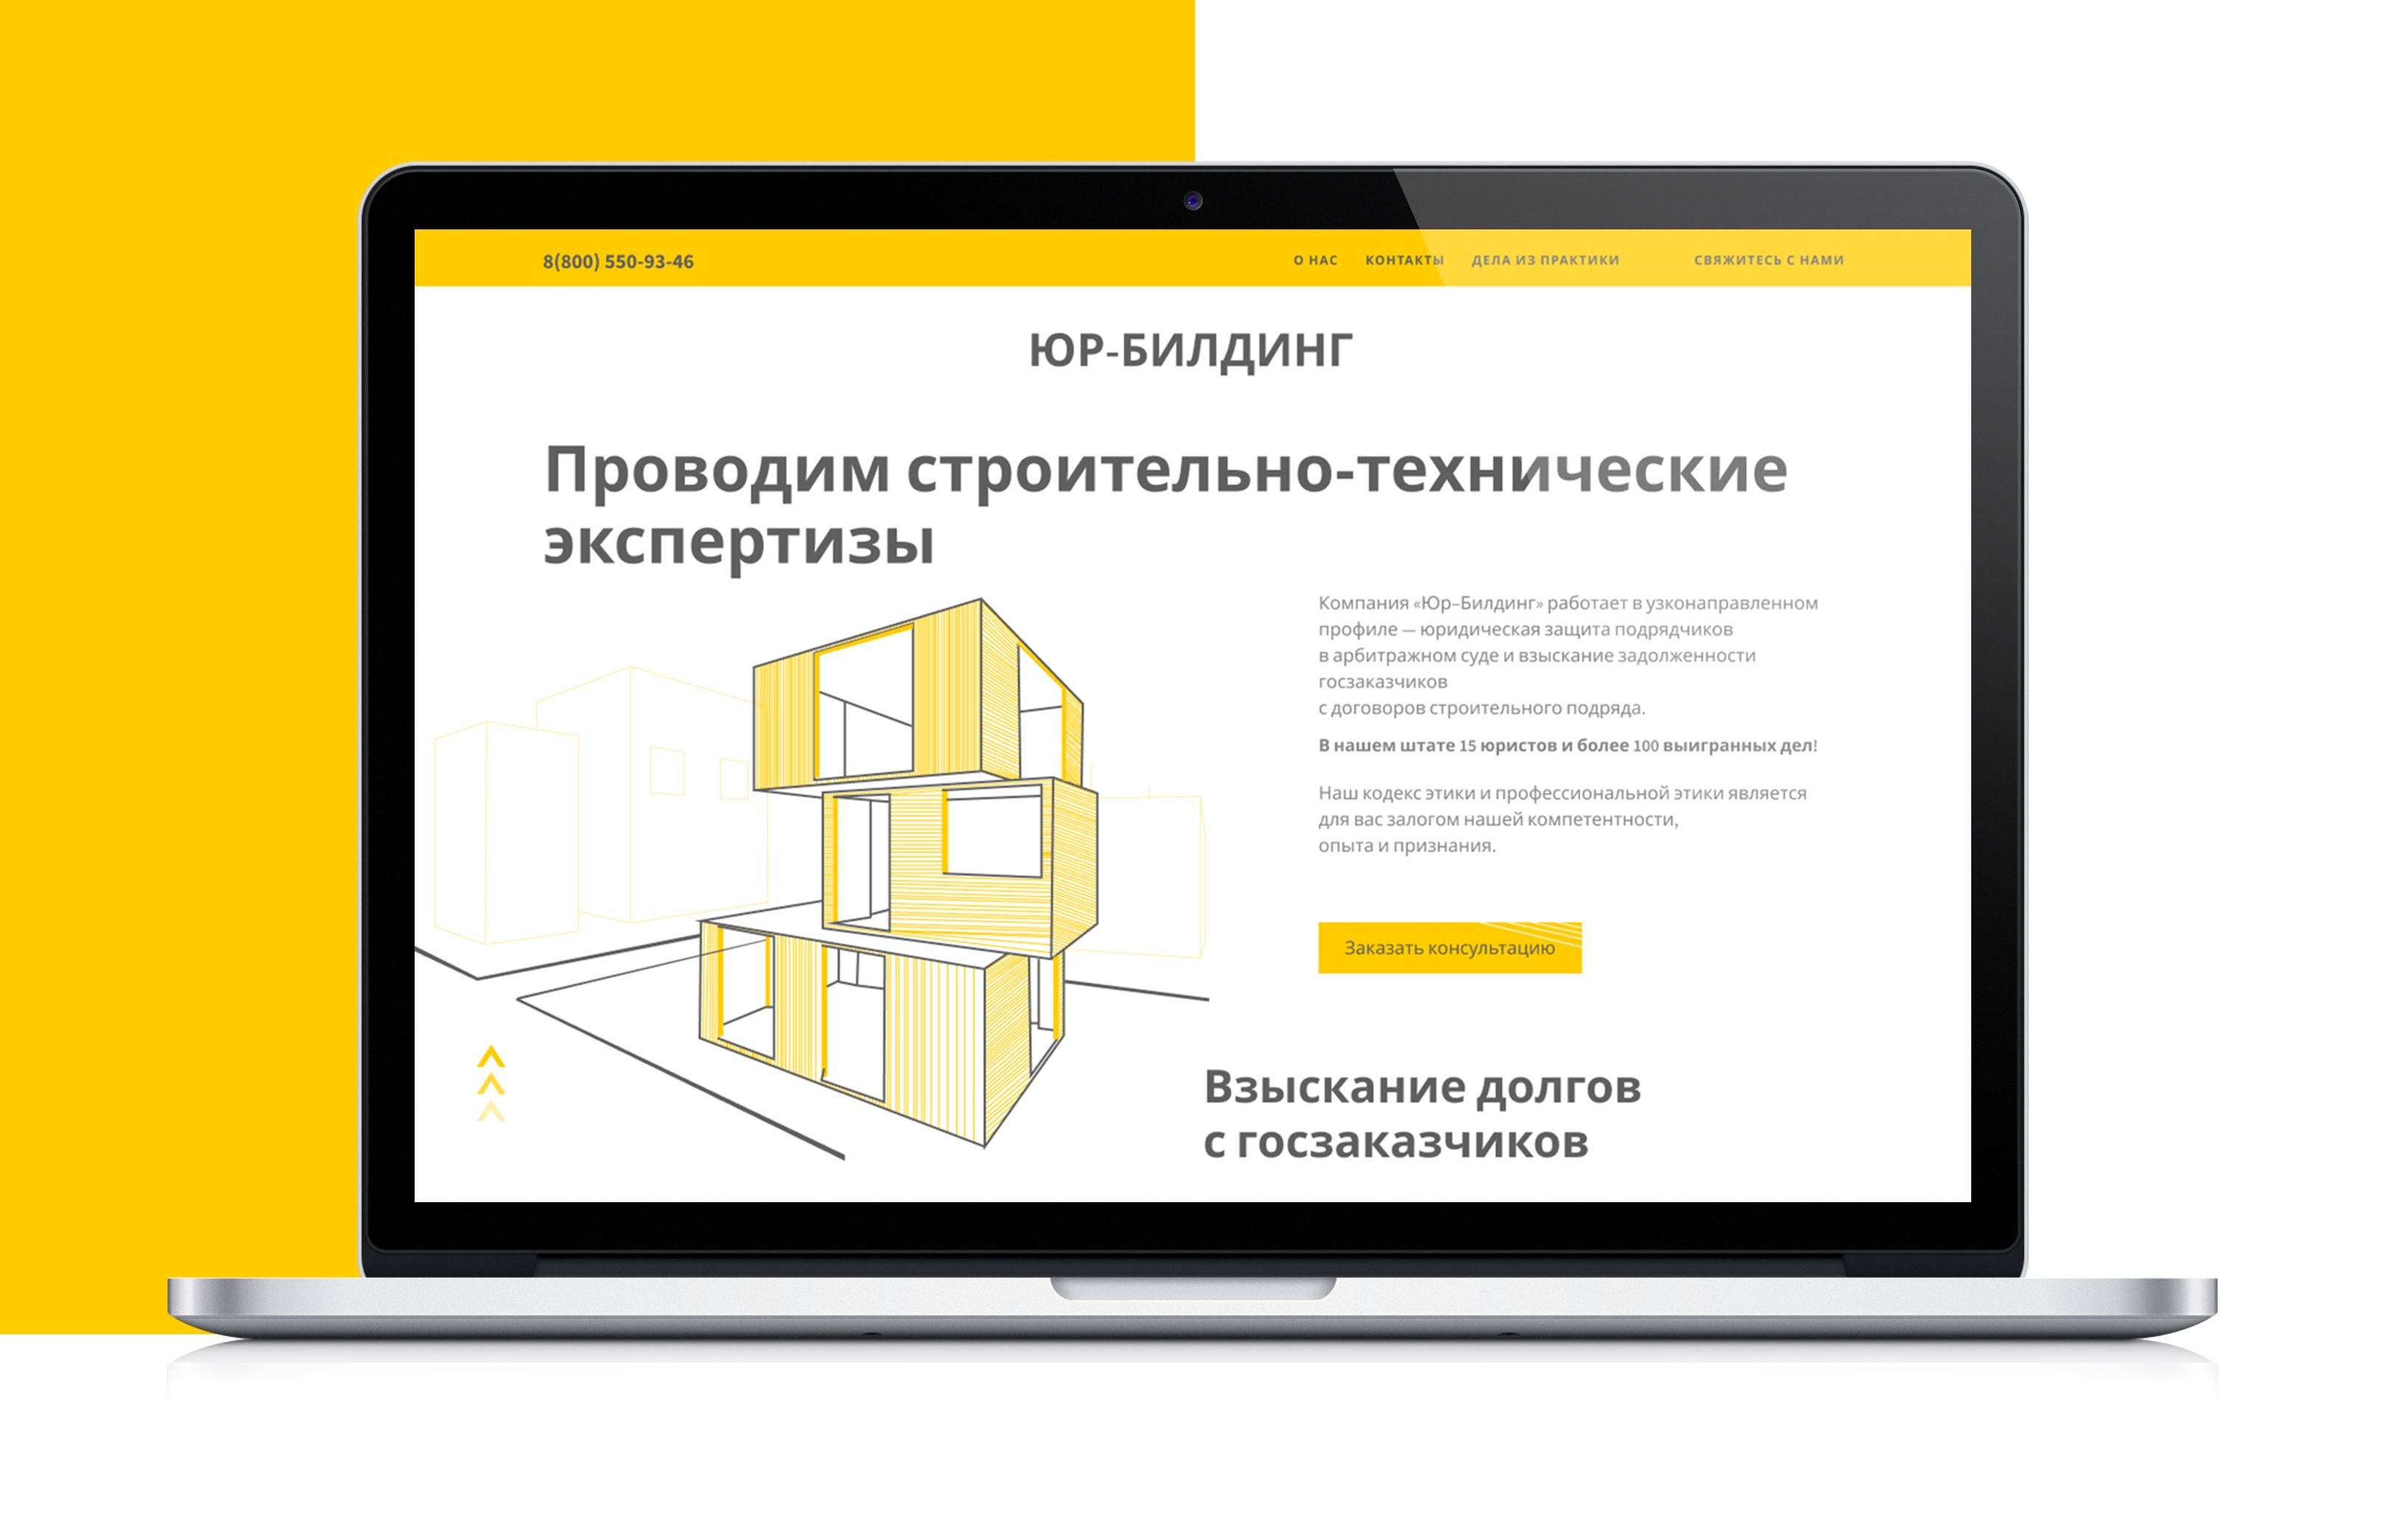 Обновить сайт, разработать новый дизайн сайта, адаптировать  фото f_6055e46a0ac3daa5.jpg